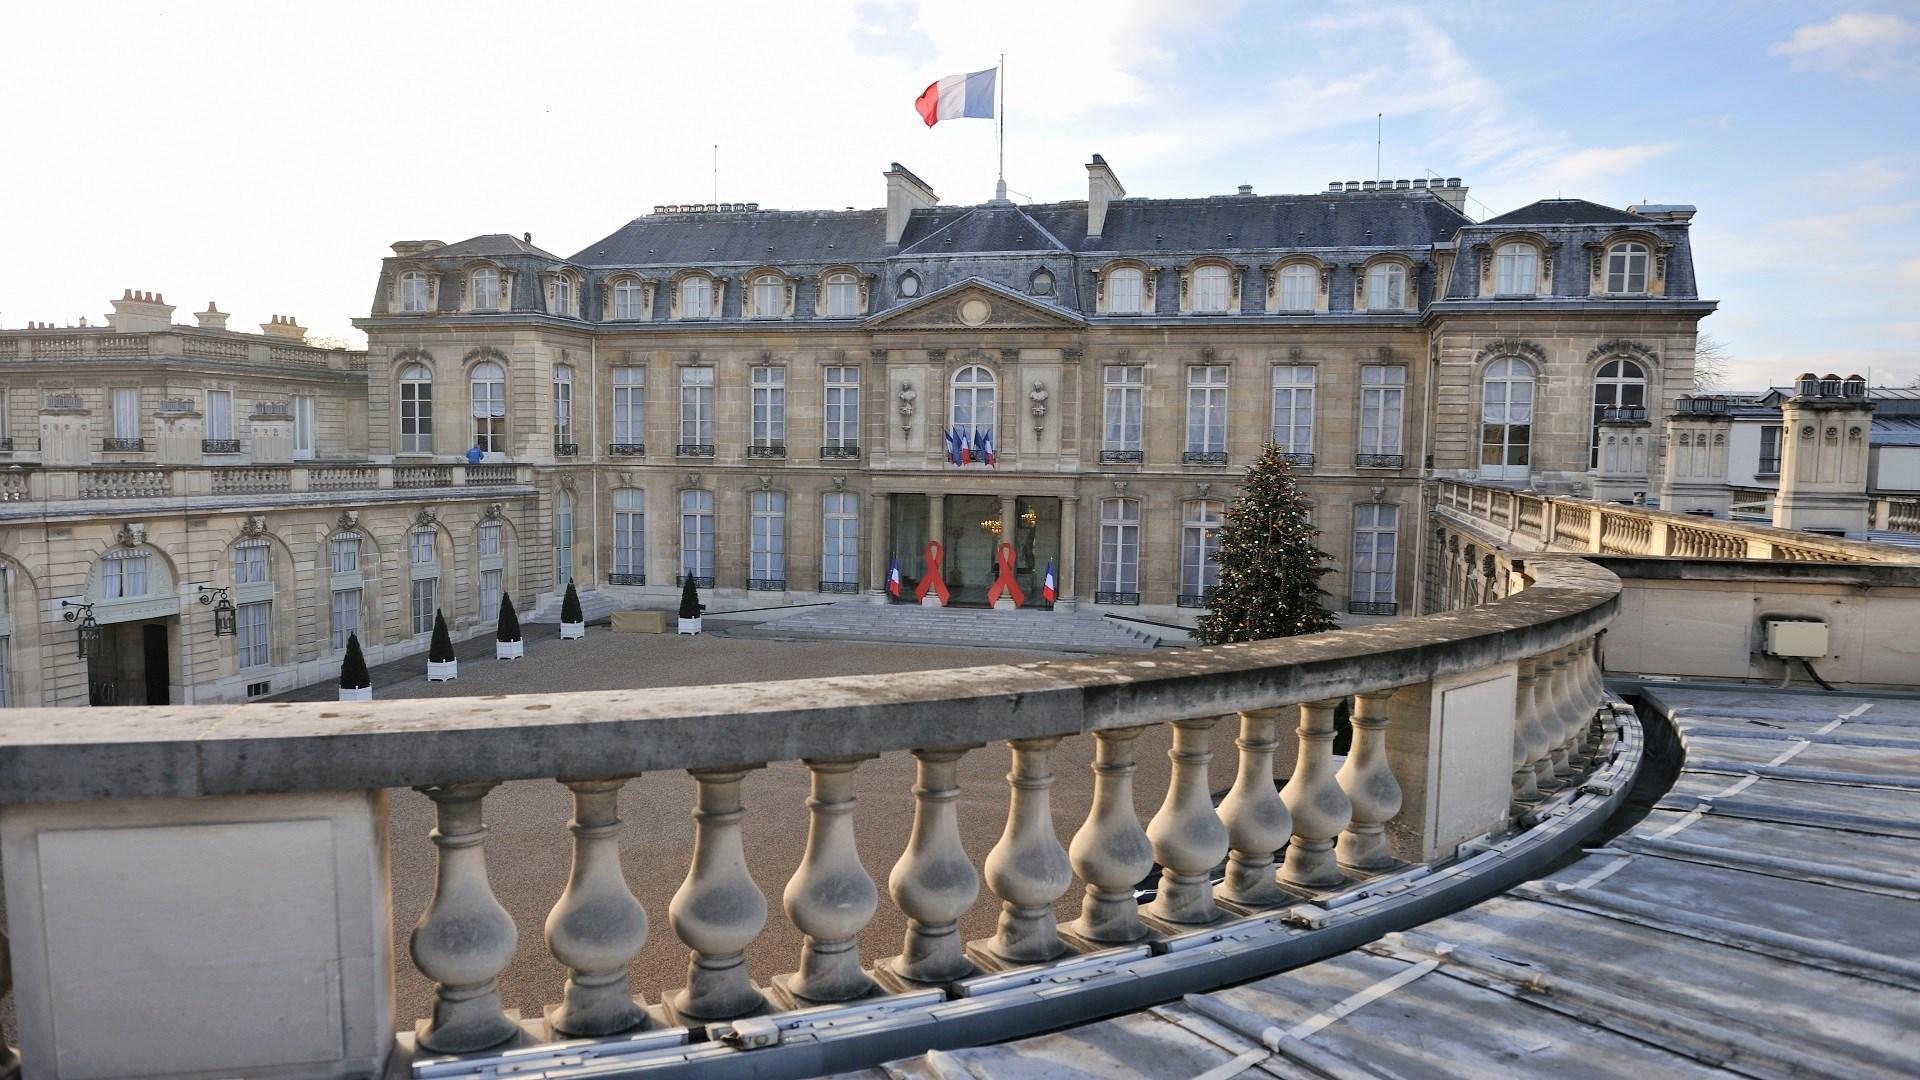 ماكرون يستقبل مسؤولي الديانة الإسلامية في فرنسا